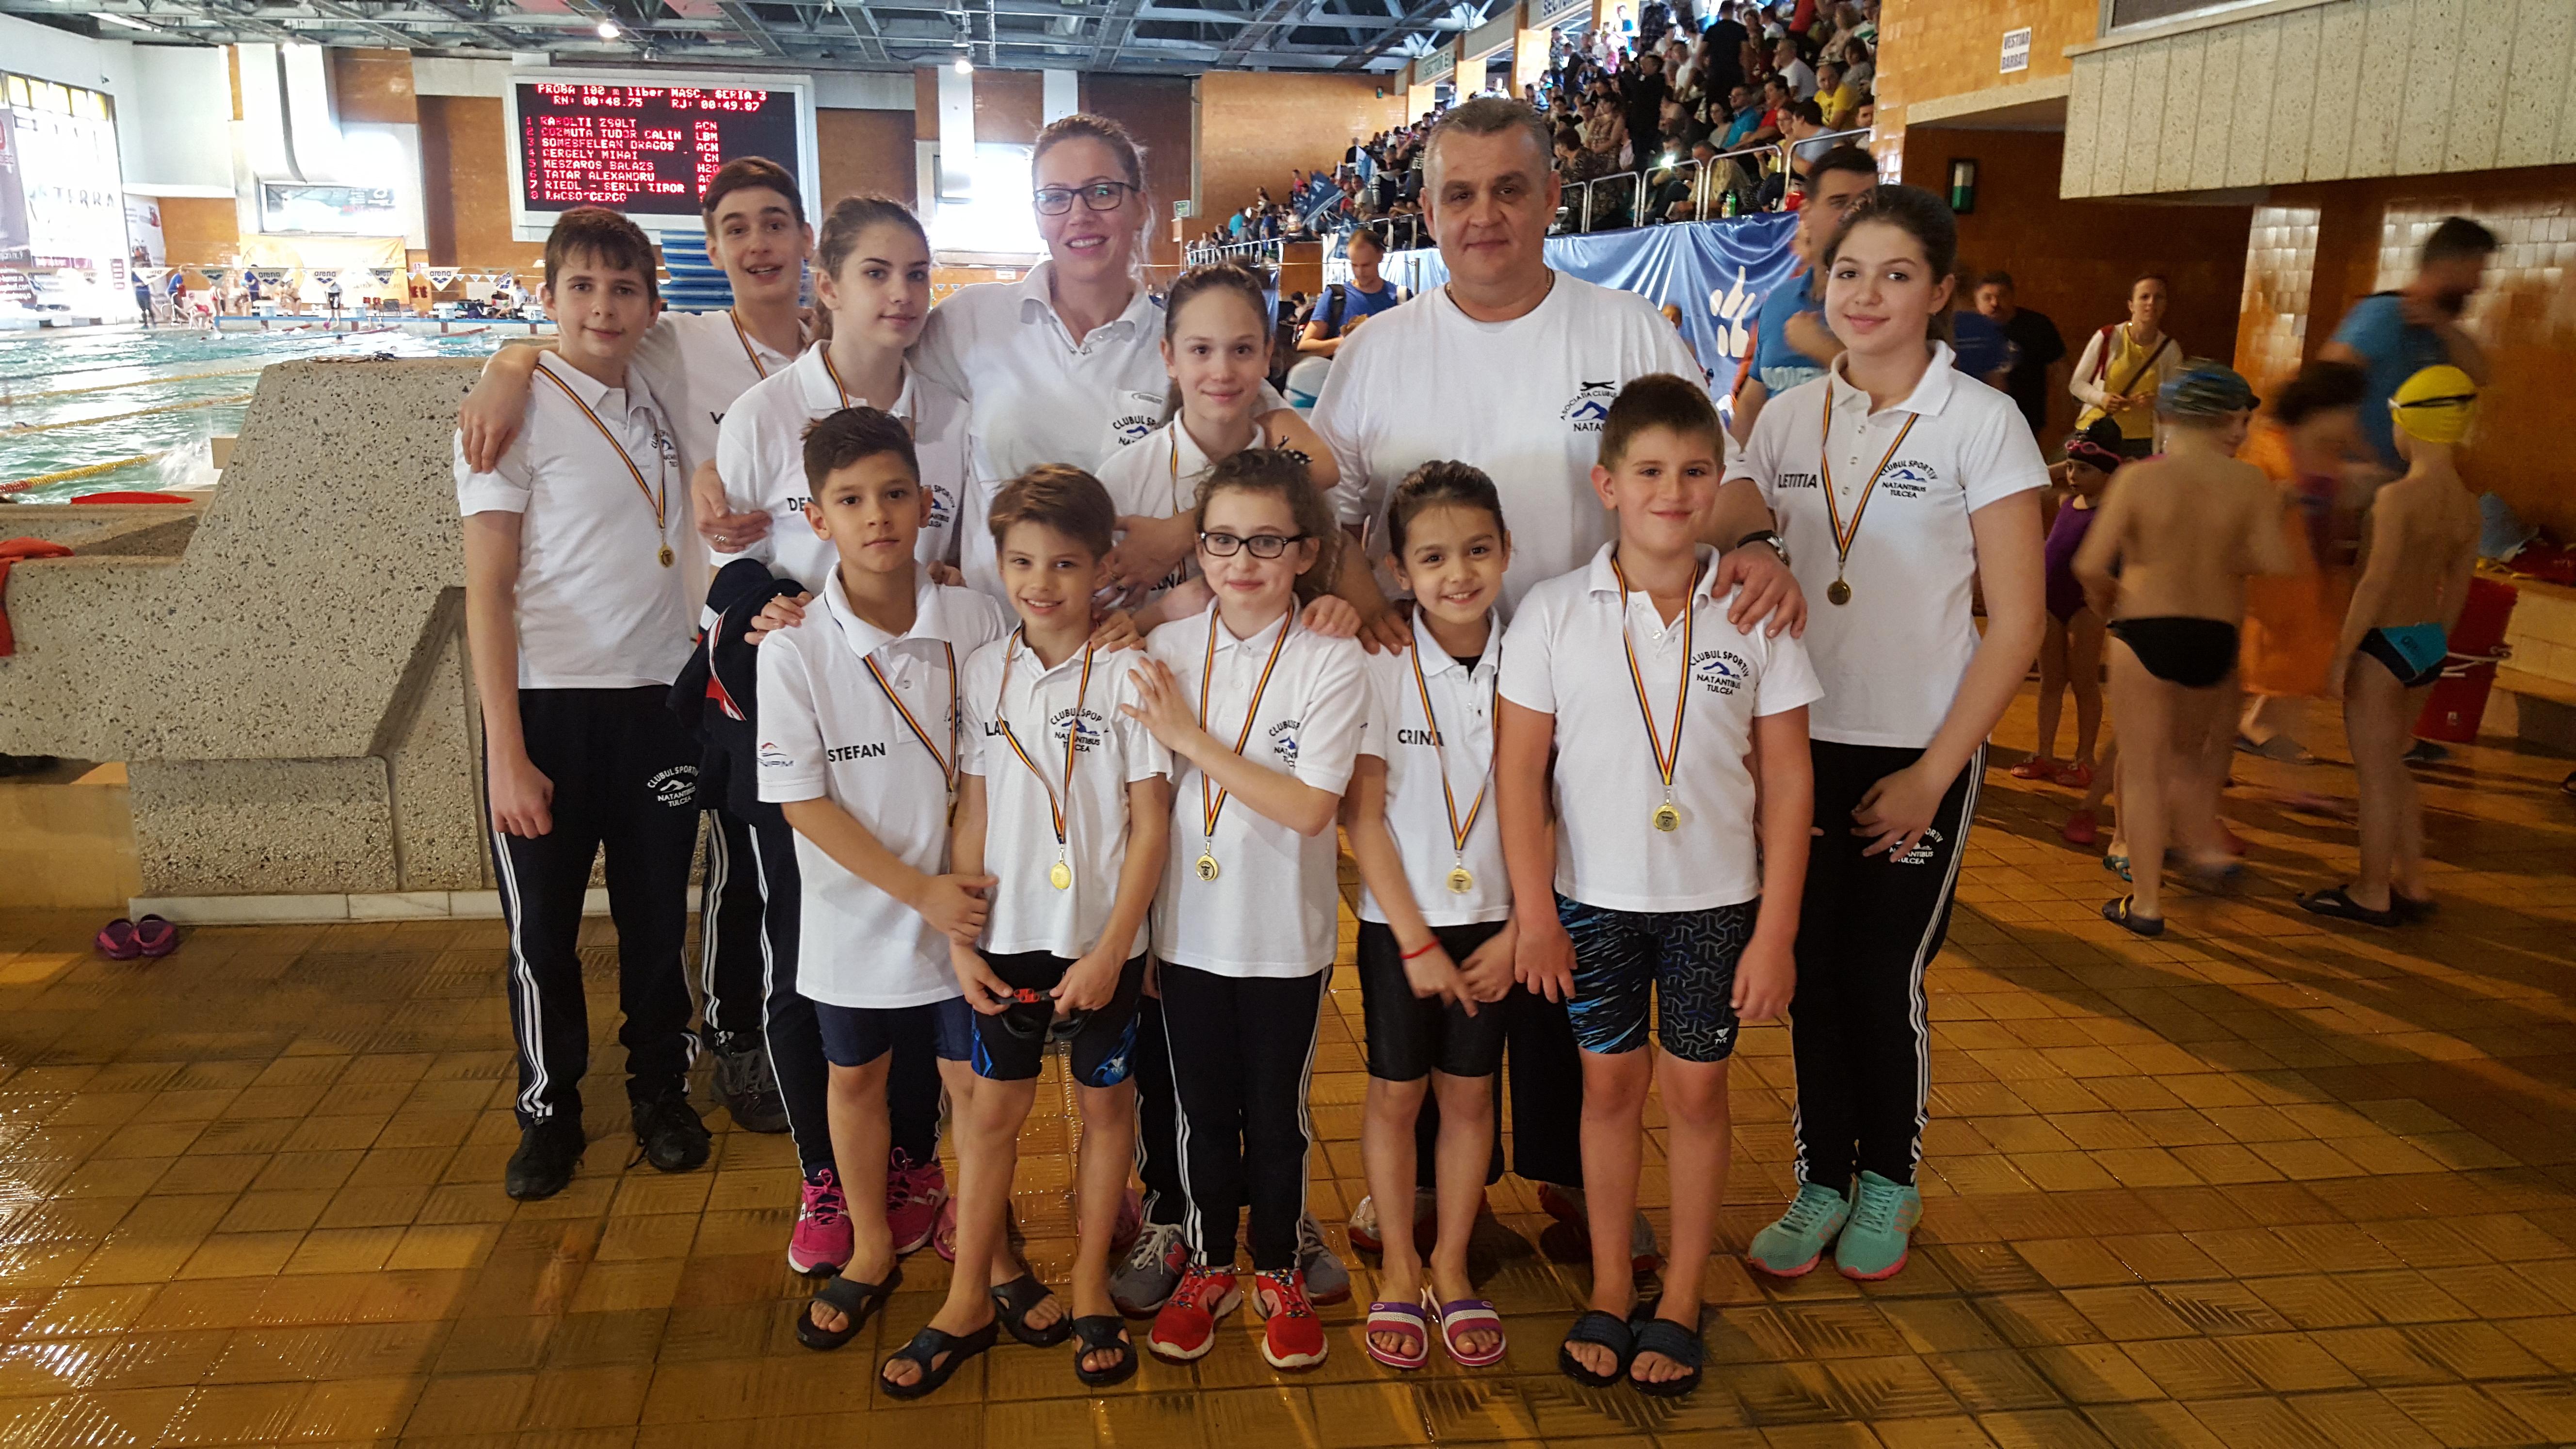 10 medalii pentru Natantibus la Cupa Mărţişor de la Piteşti